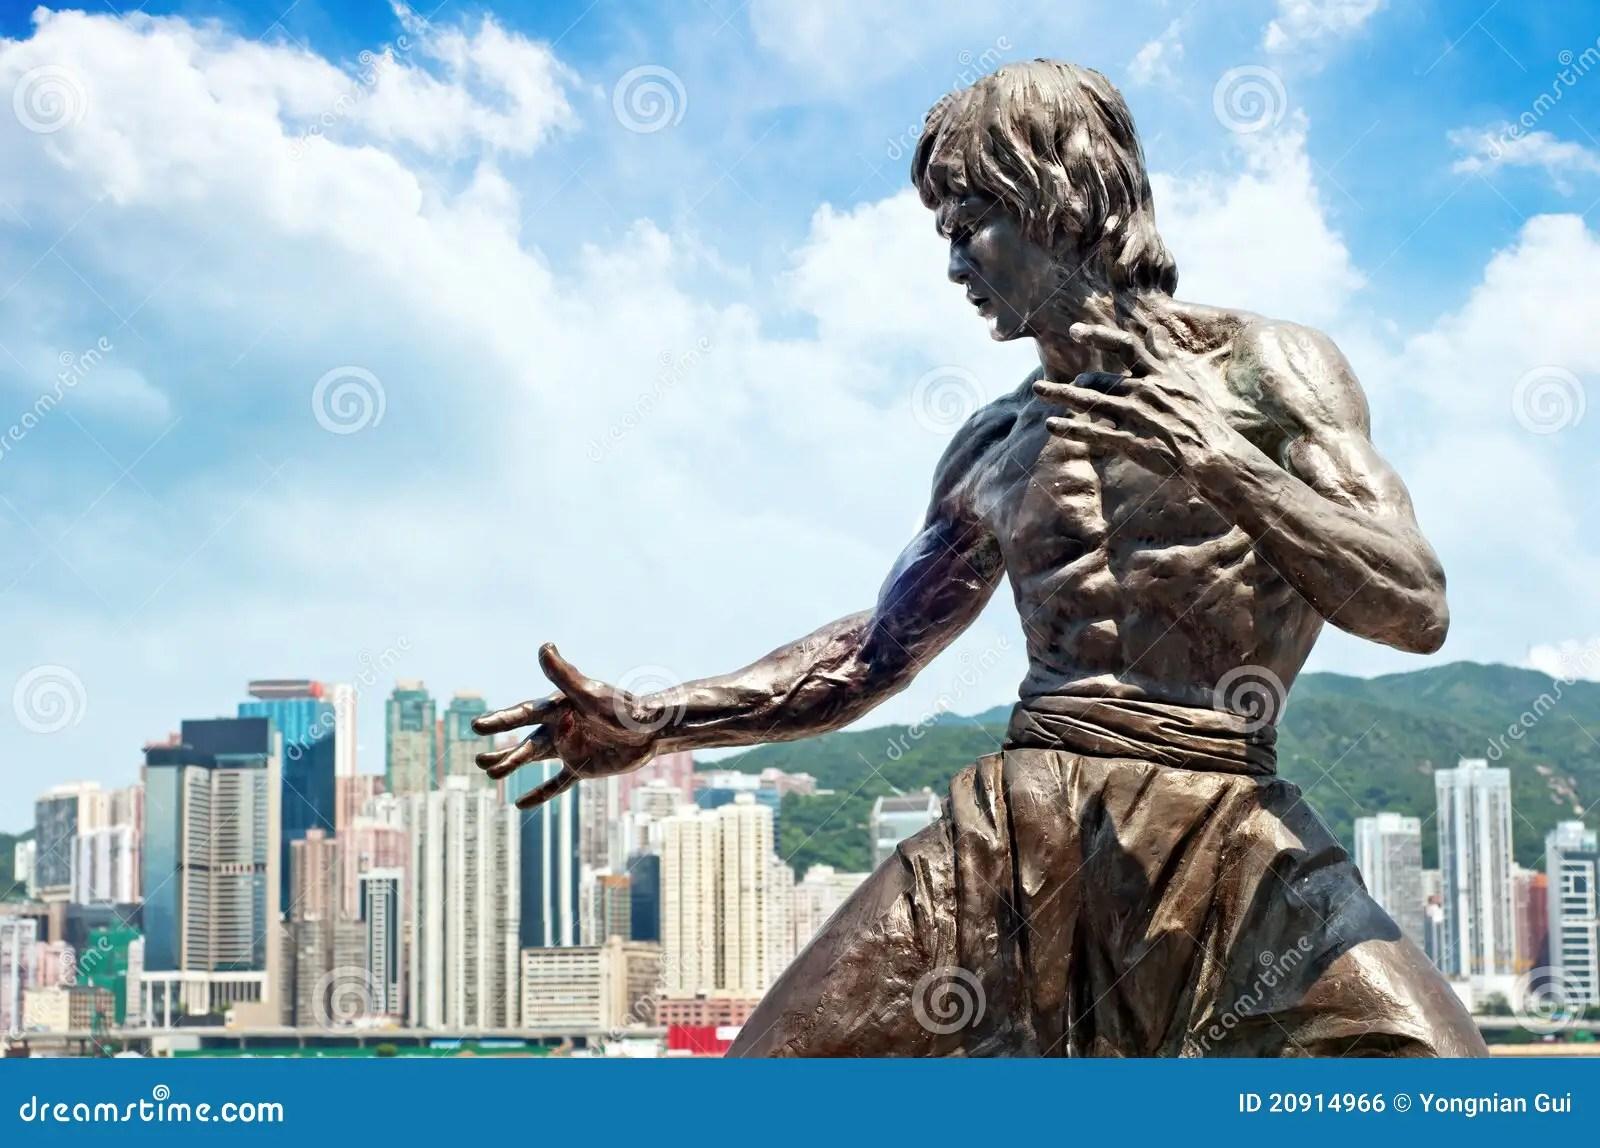 Skyscraper Wallpaper Hd Bruce Lee Statue Editorial Photo Image 20914966